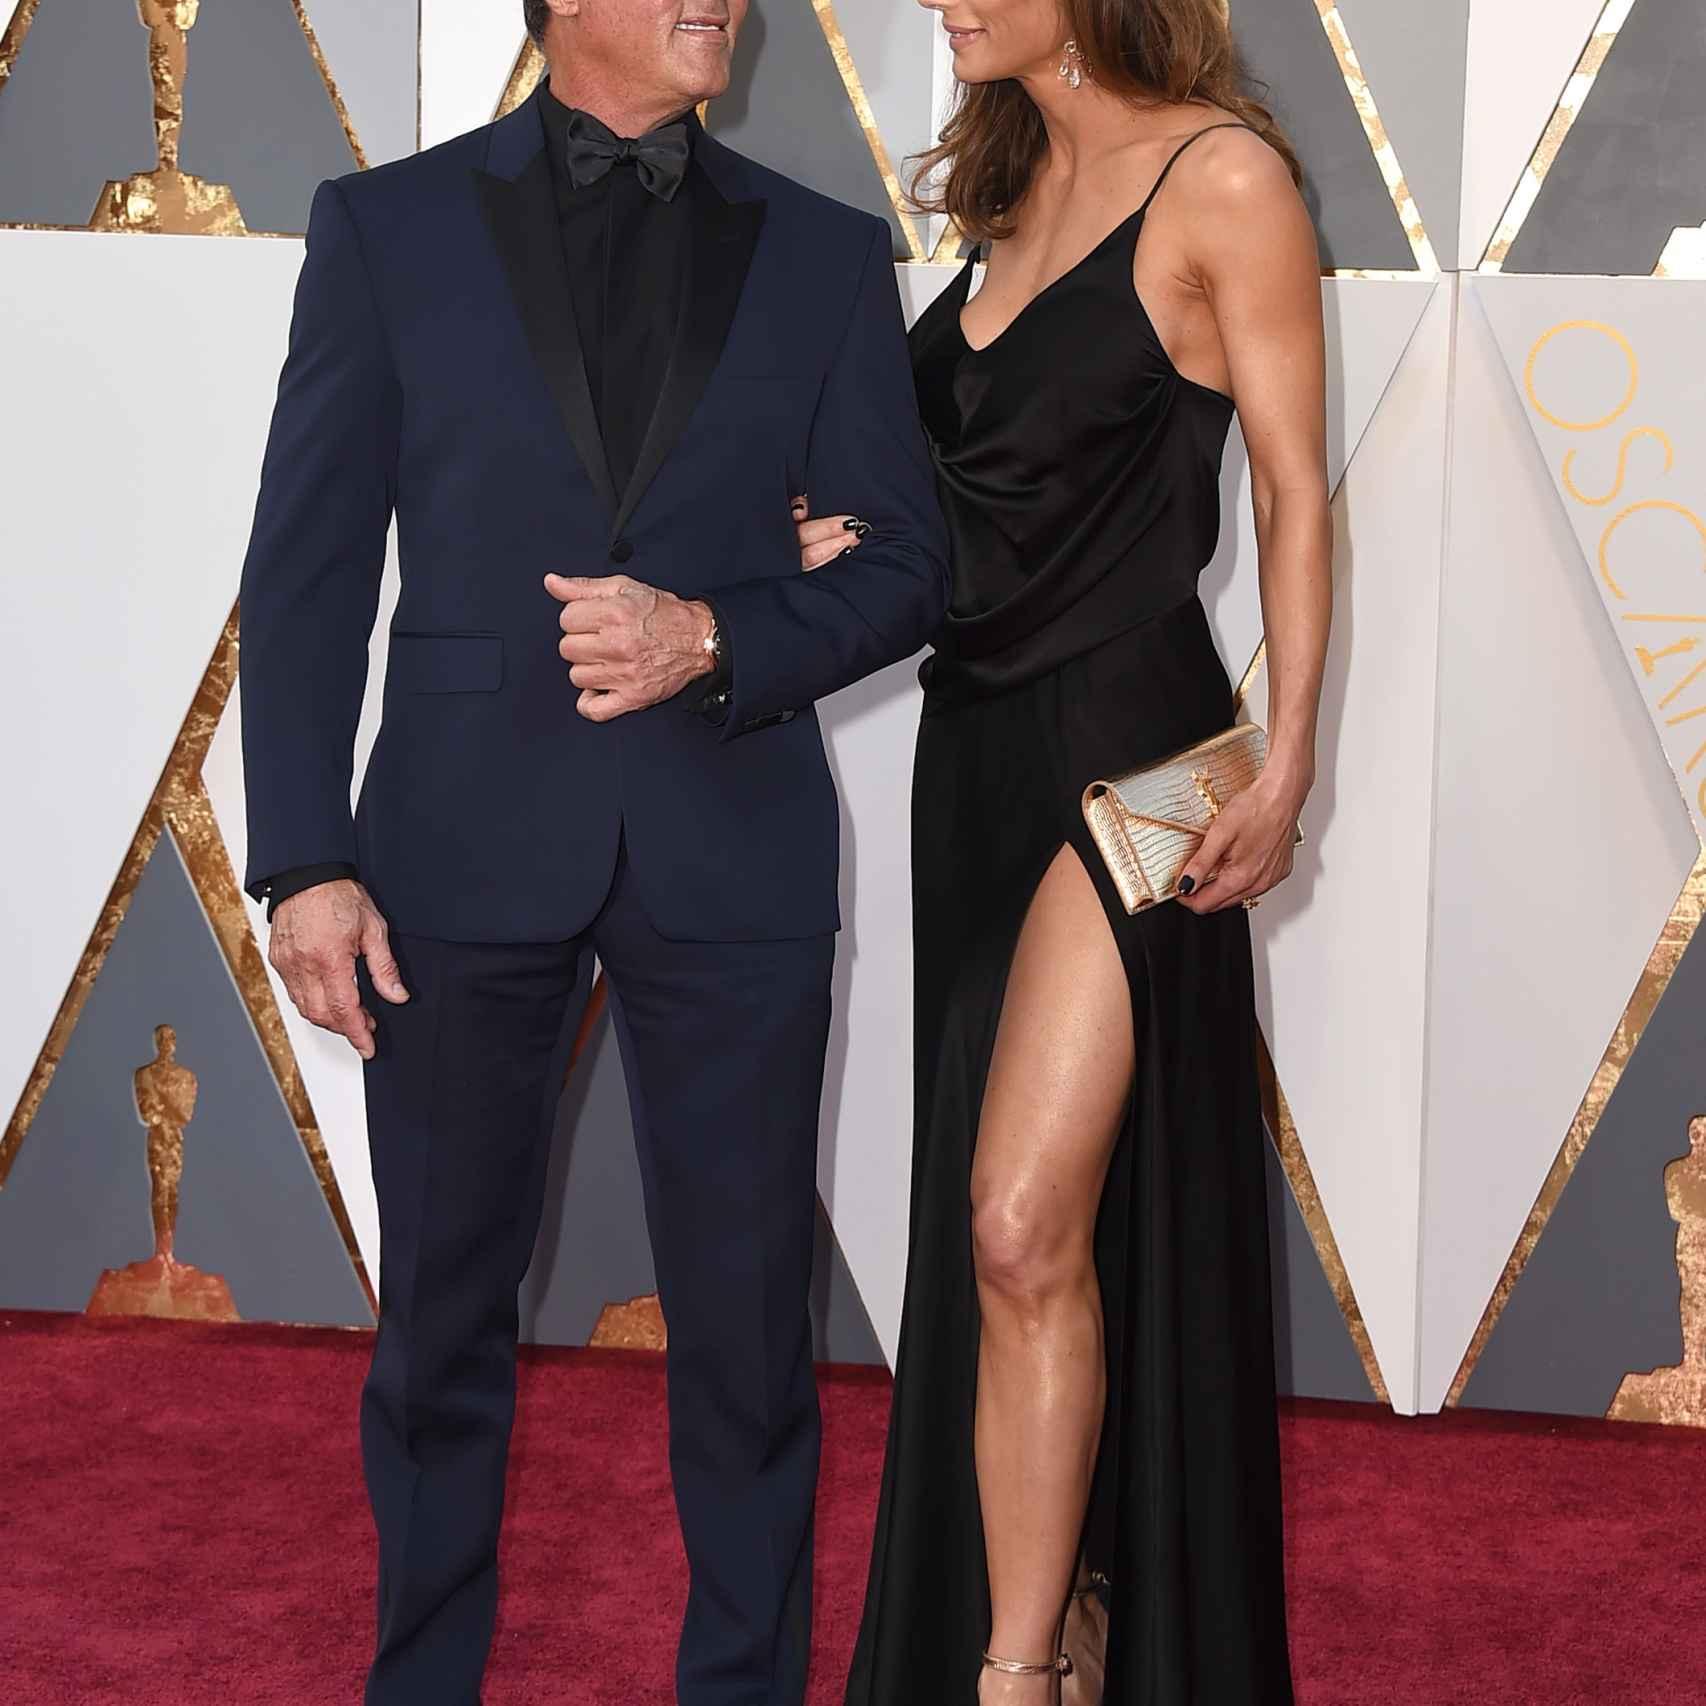 Stallone y su mujer Jennifer Flavin con un vestido sexy pero con poca gracia